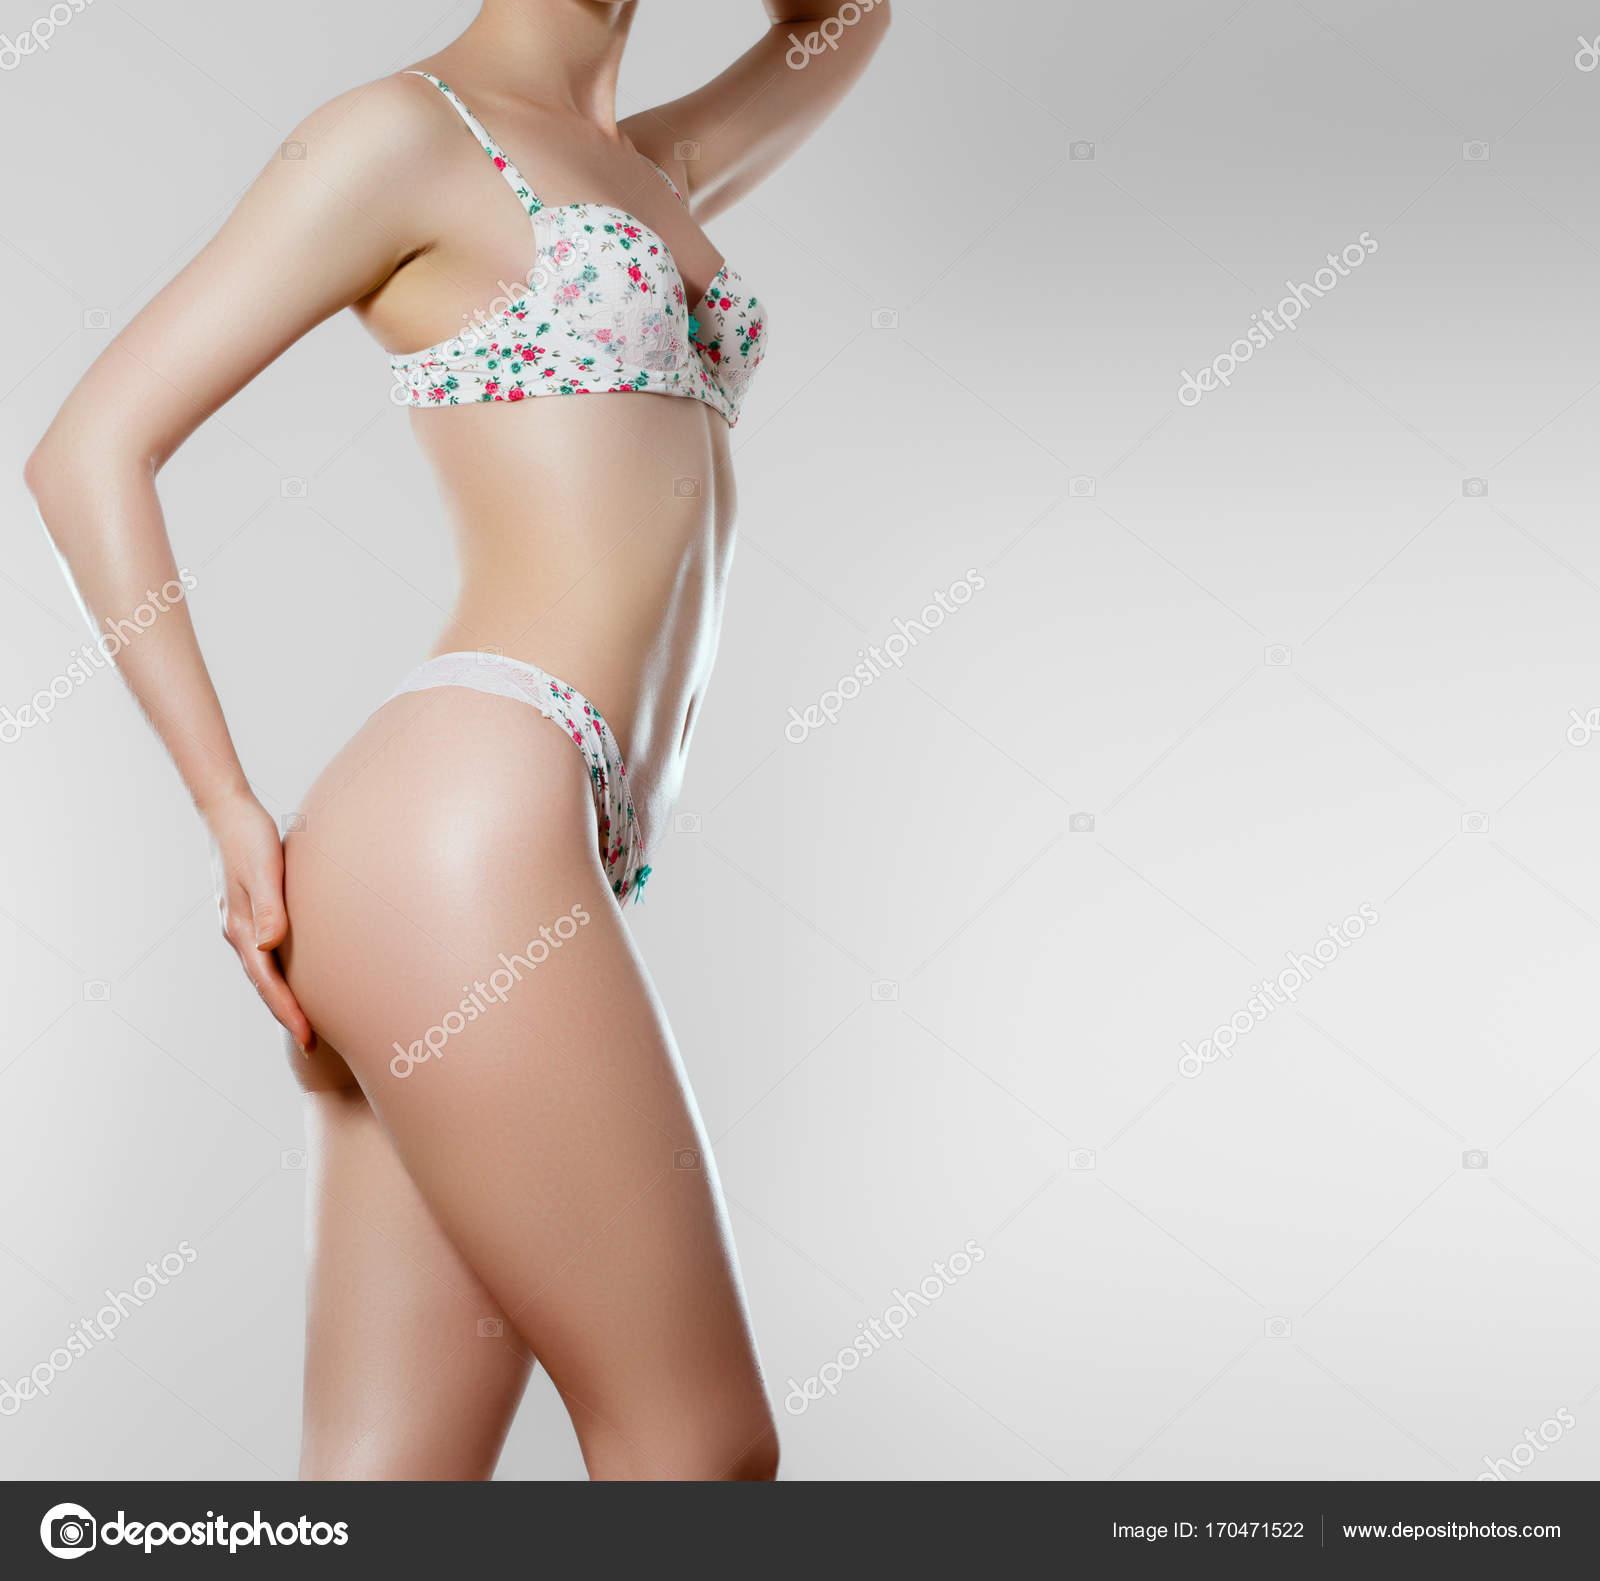 Порно красивое сексуальное тело девушки фото деньги порно видео